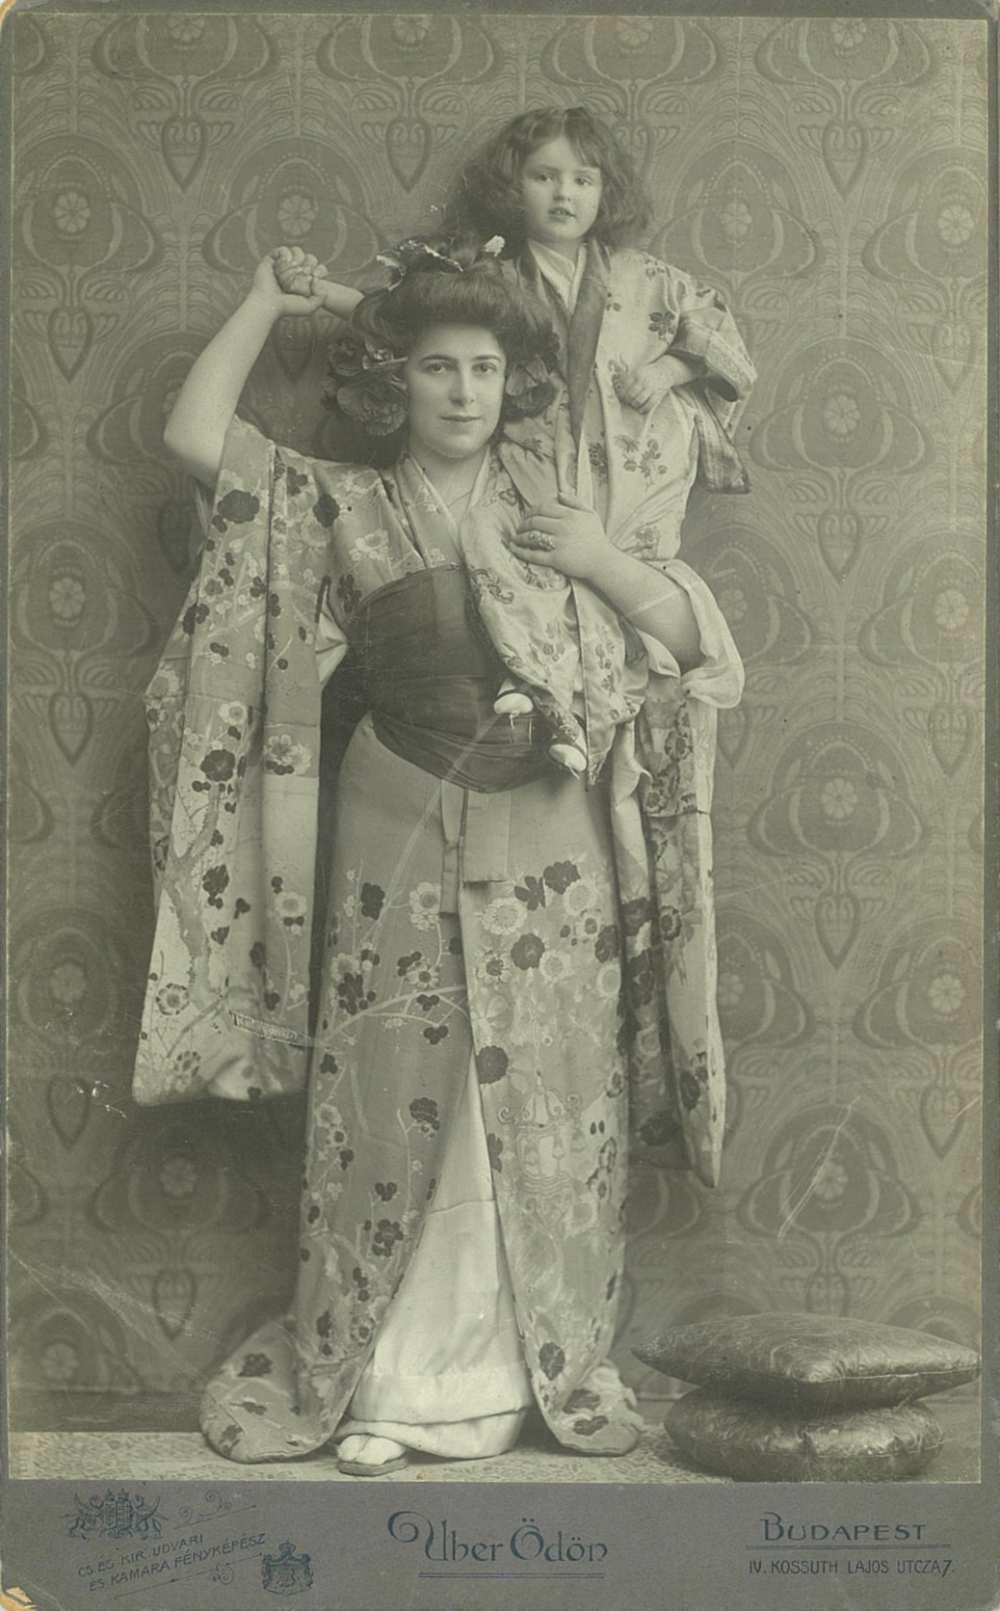 Benkő Etelka mint Pillangókisasszony. Szerepkép, 1906. Jelzet: KB 21.094 – Színháztörténeti és Zeneműtár